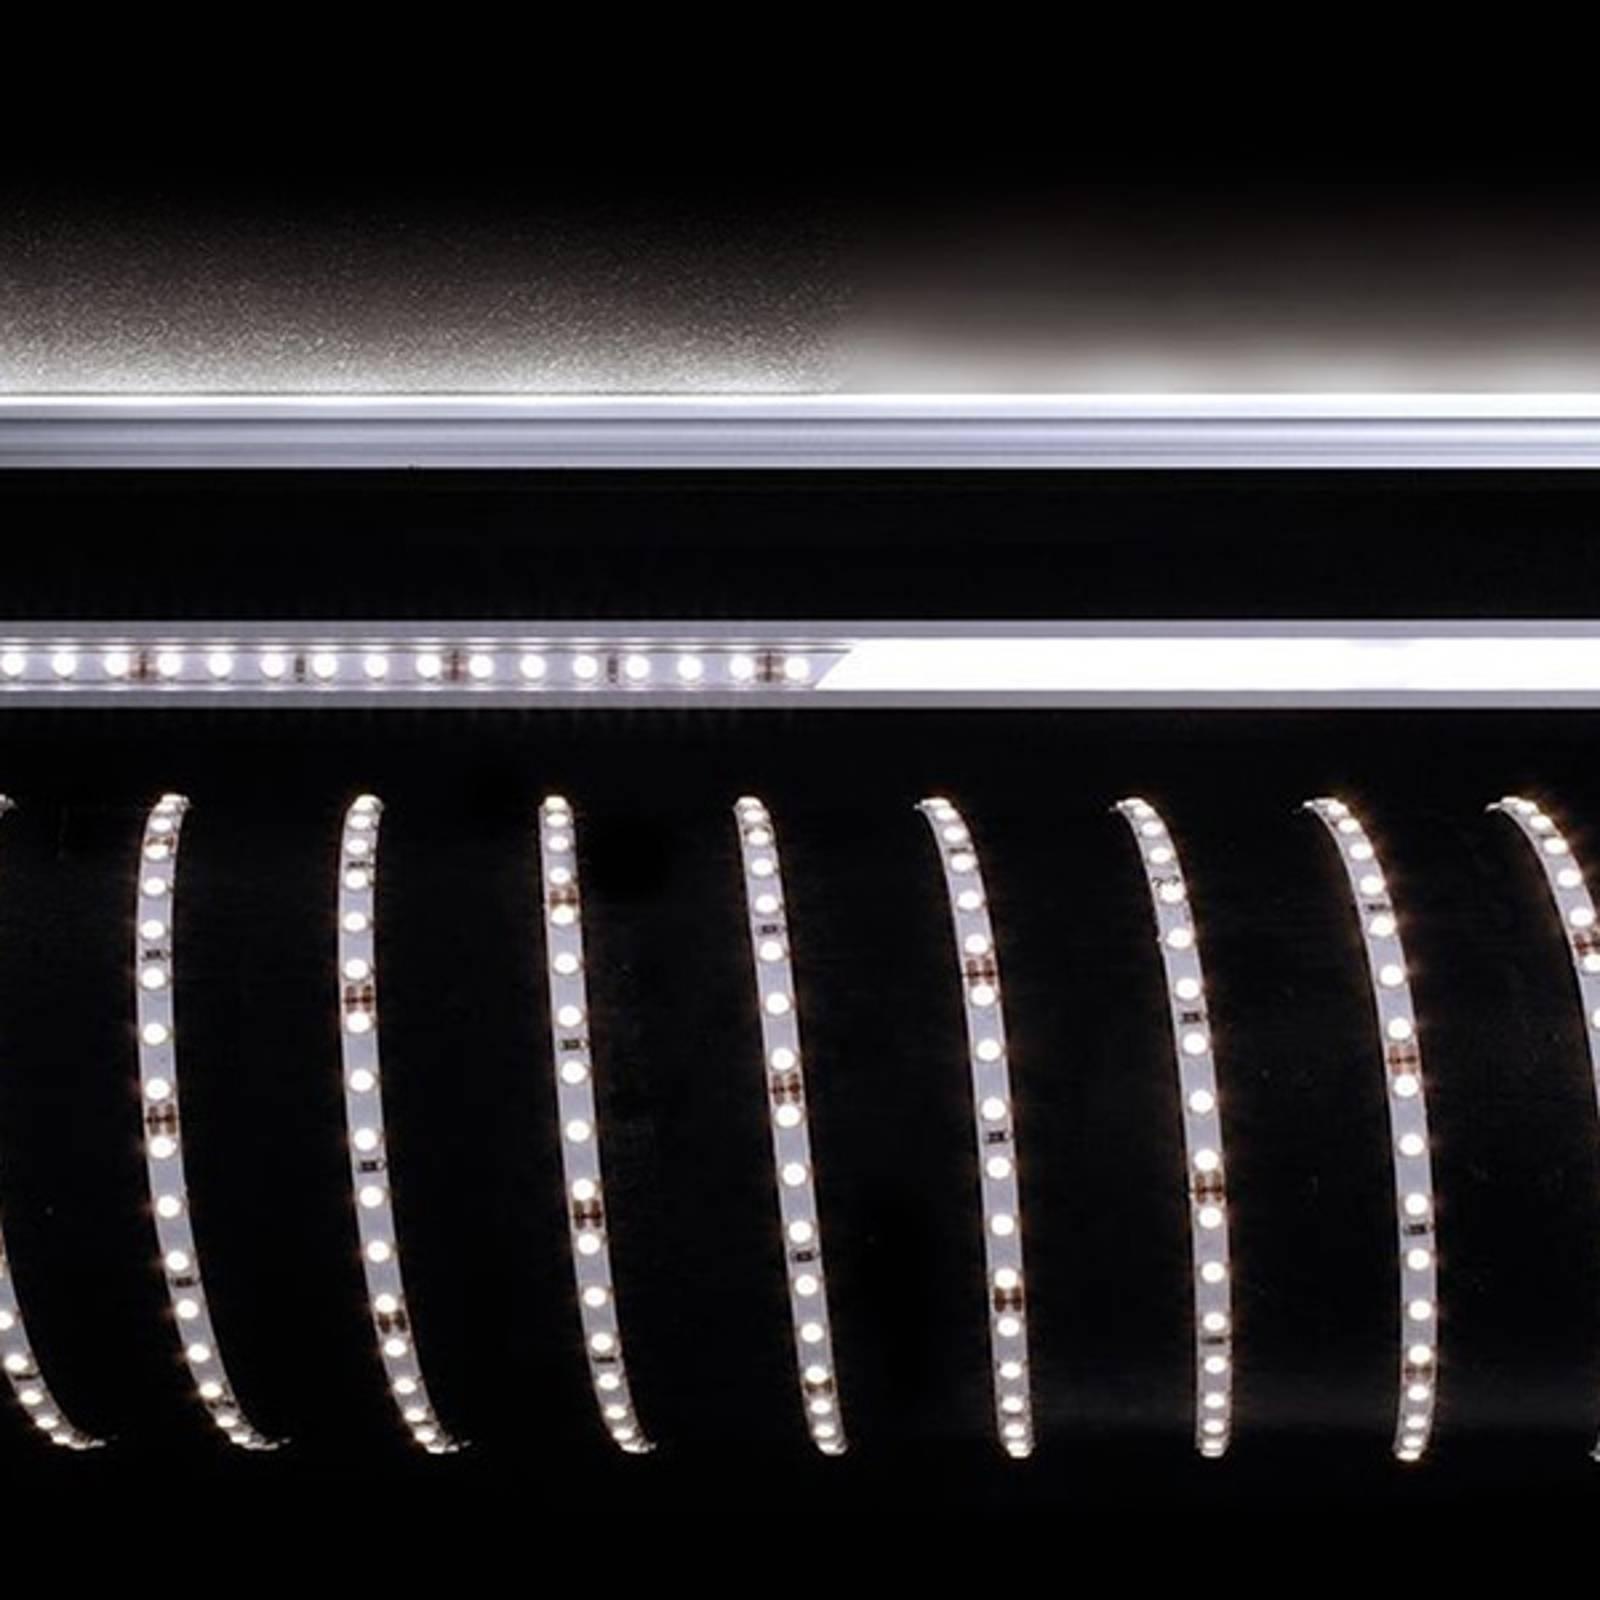 Joustava LED-valonauha, 45 W, 500x0,4x0,2cm, 4000K